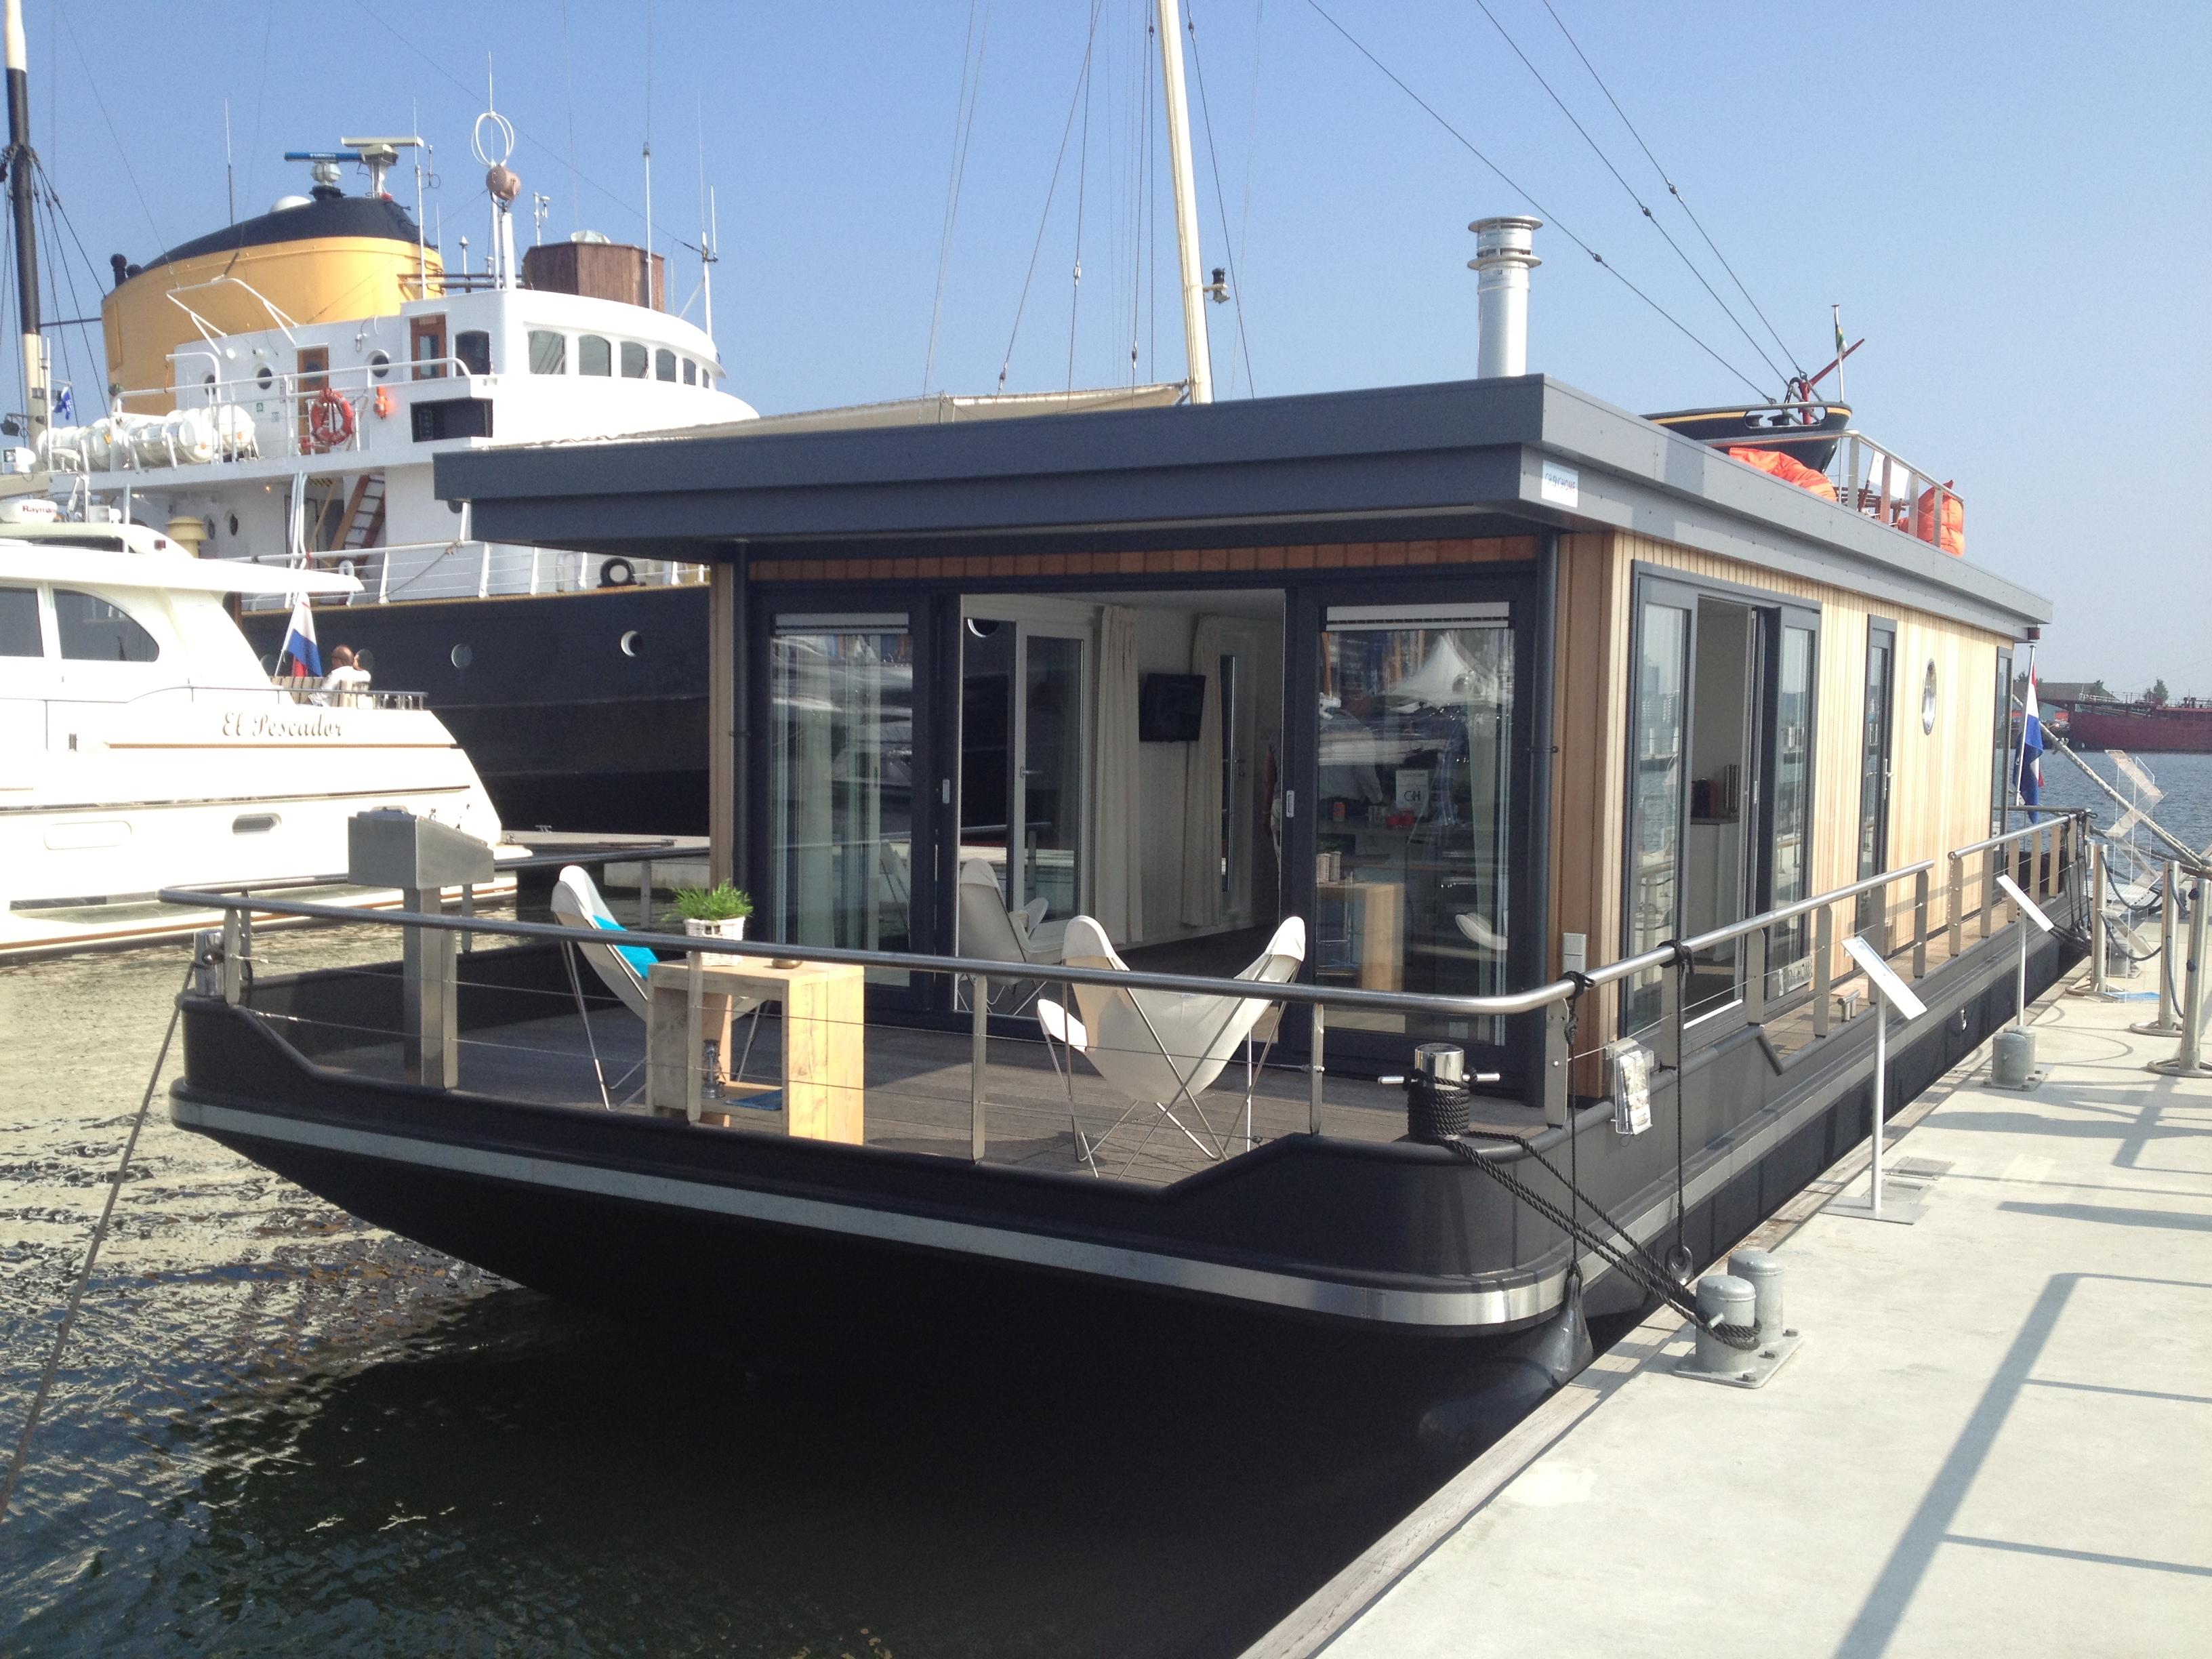 M17 - Hausboot-Kompass.de